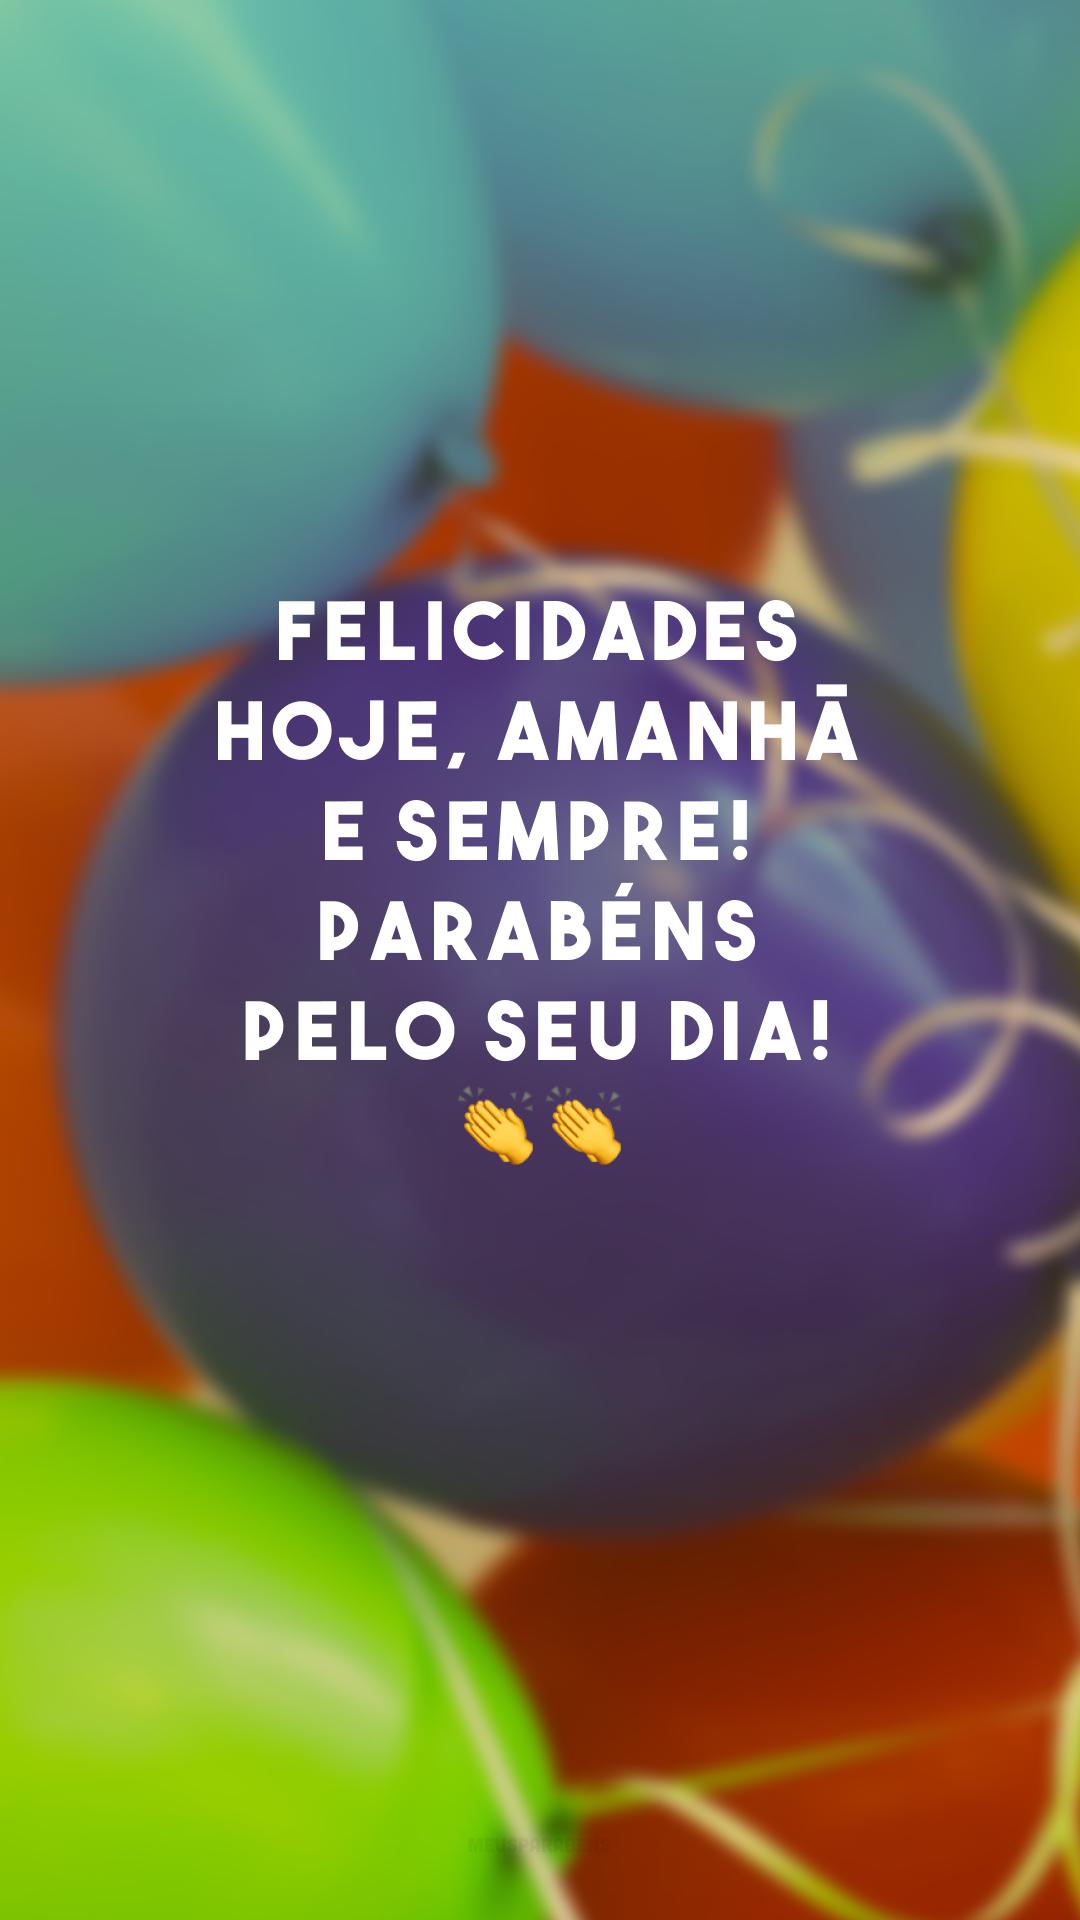 Felicidades hoje, amanhã e sempre! Parabéns pelo seu dia! 👏👏